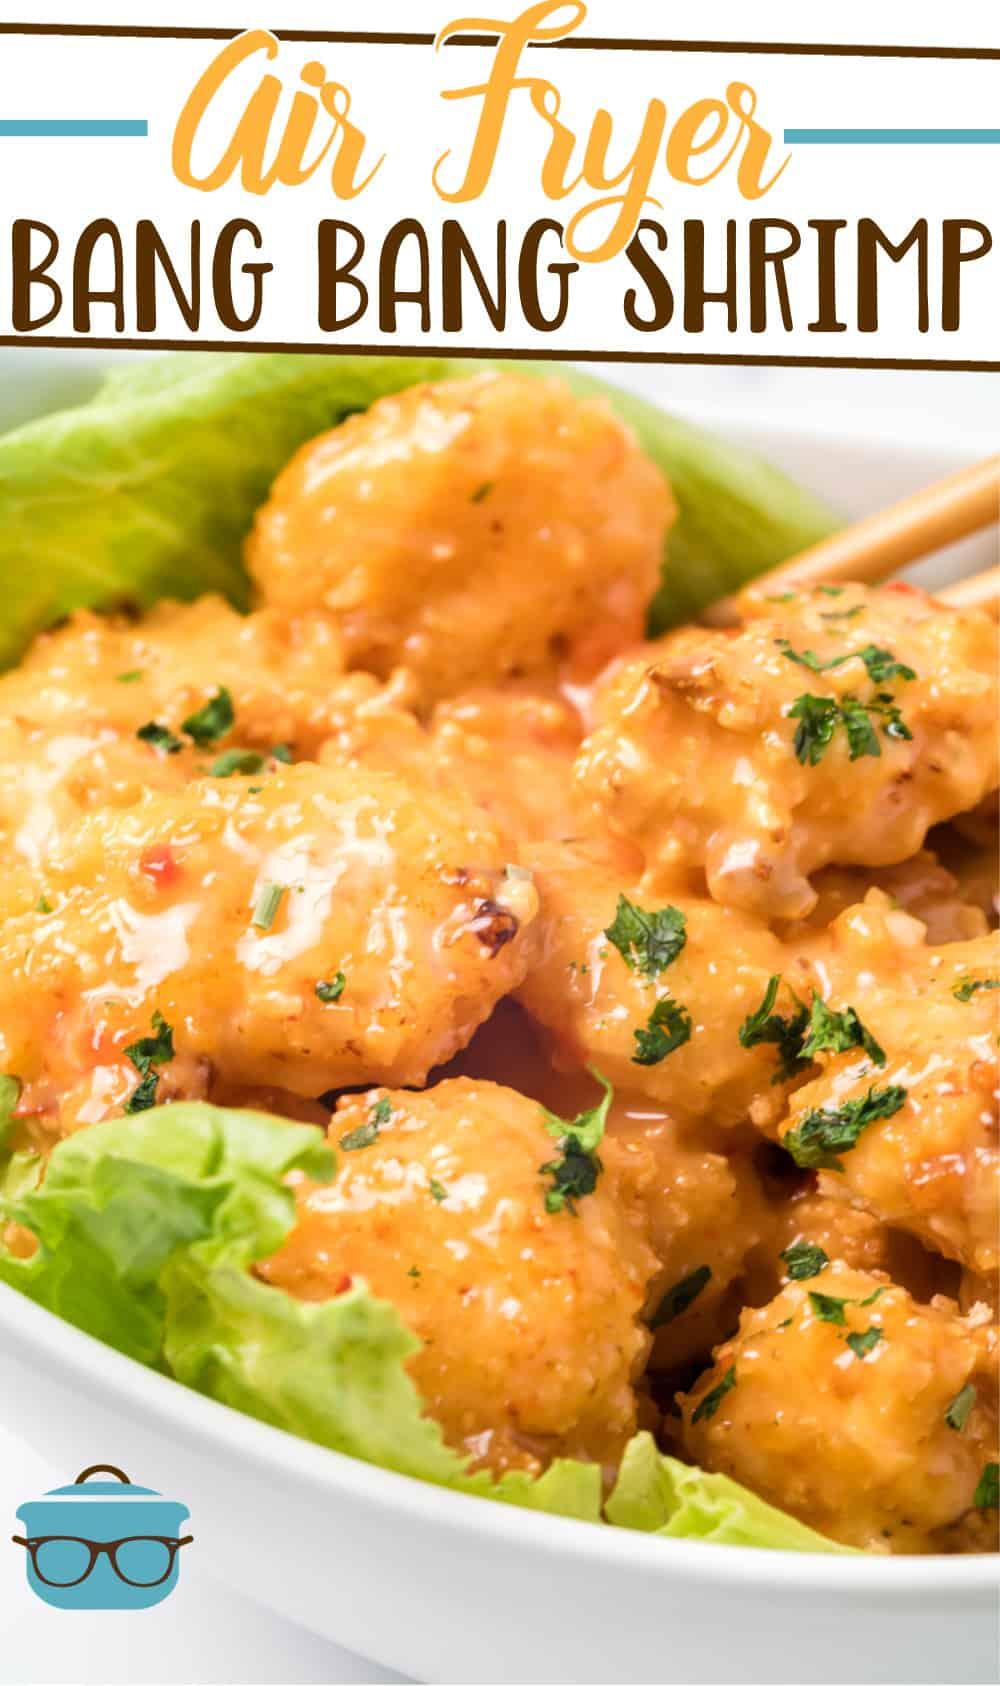 O camarão Air Fryer Bang Bang é feito com camarão embebido em leitelho, coberto com migalhas de pão panko e jogado em um molho cremoso de bang bang.